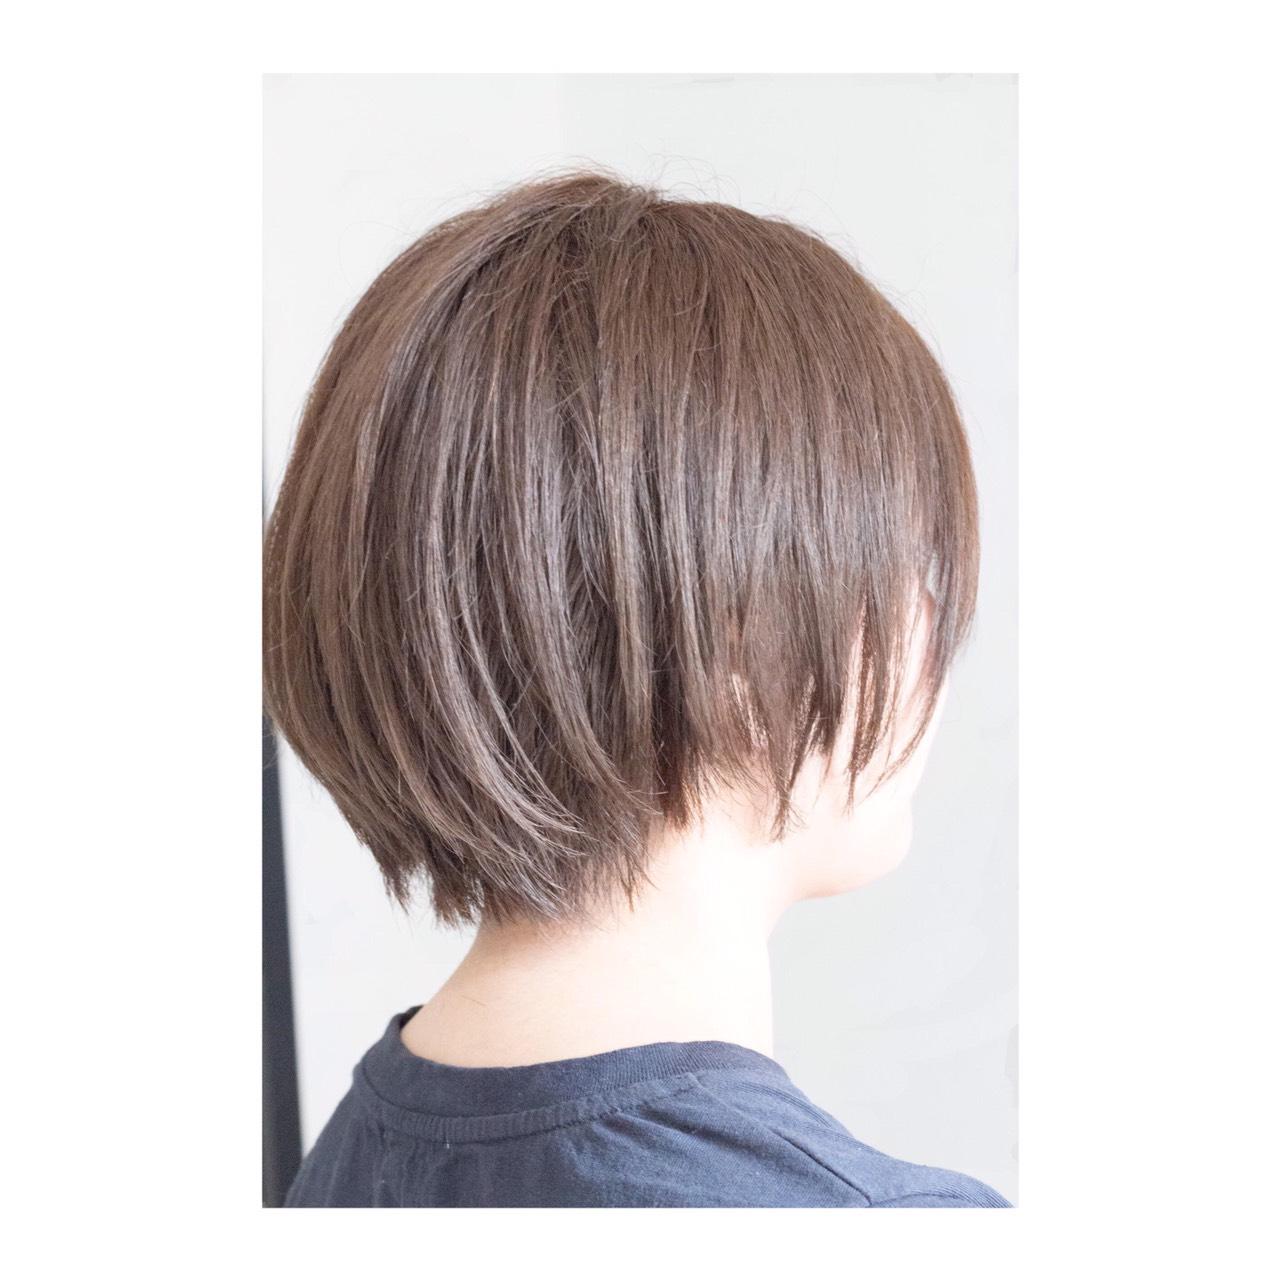 ばっさり髪を切りたい!でも悩む、、そんな方に読んでほしい